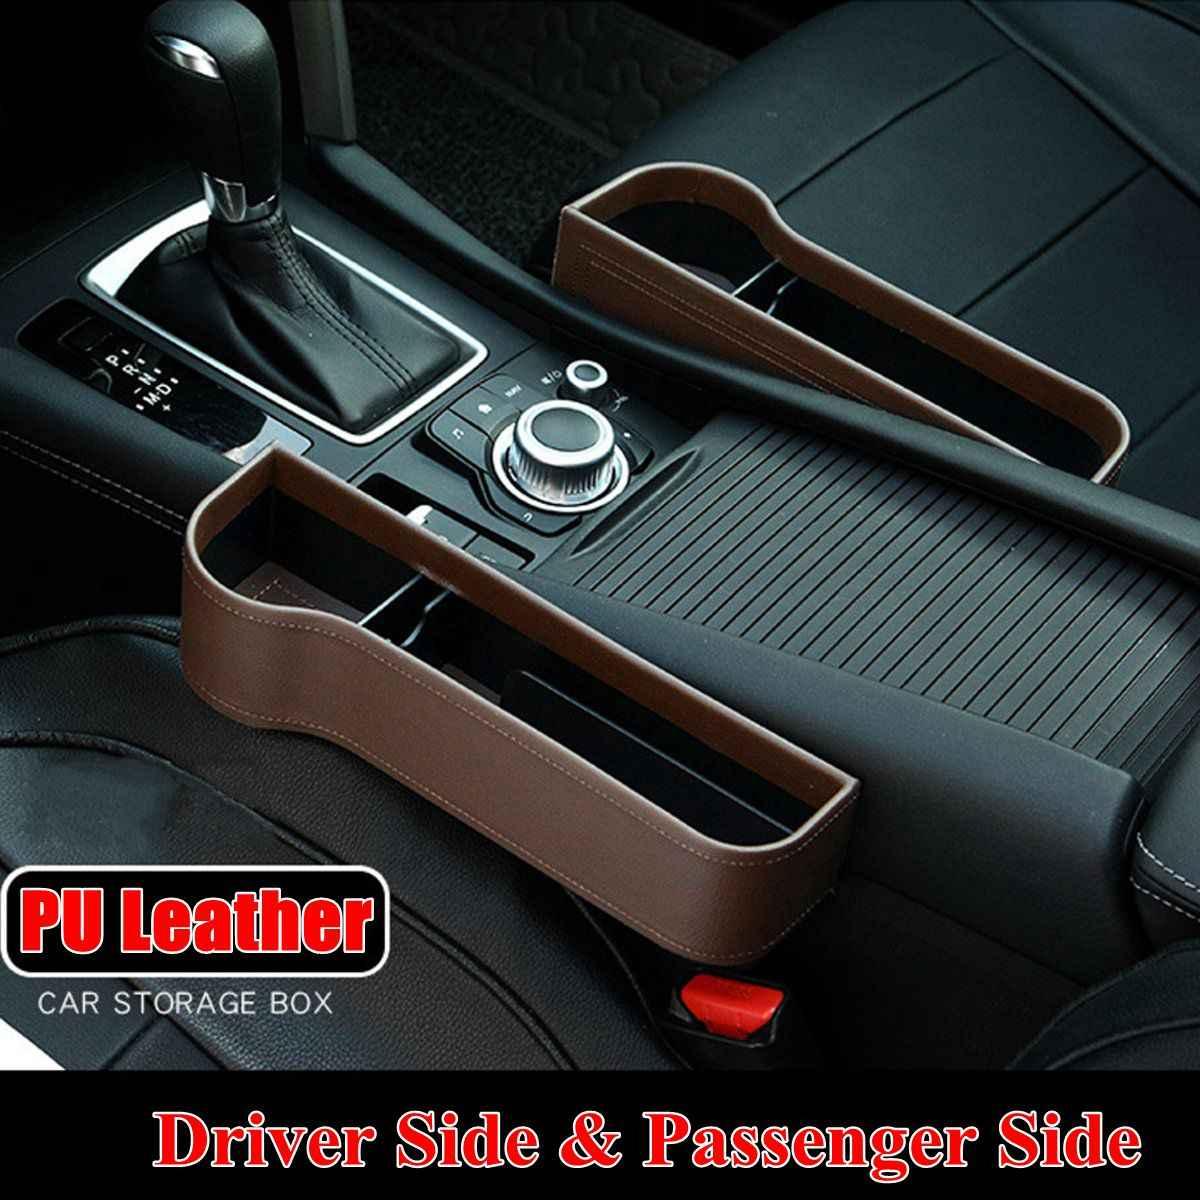 左/右ユニバーサルペア旅客運転席側カーシートギャップ収納ボックスポケットオーガナイザー電話ホルダー黒/ ベージュ/レッド